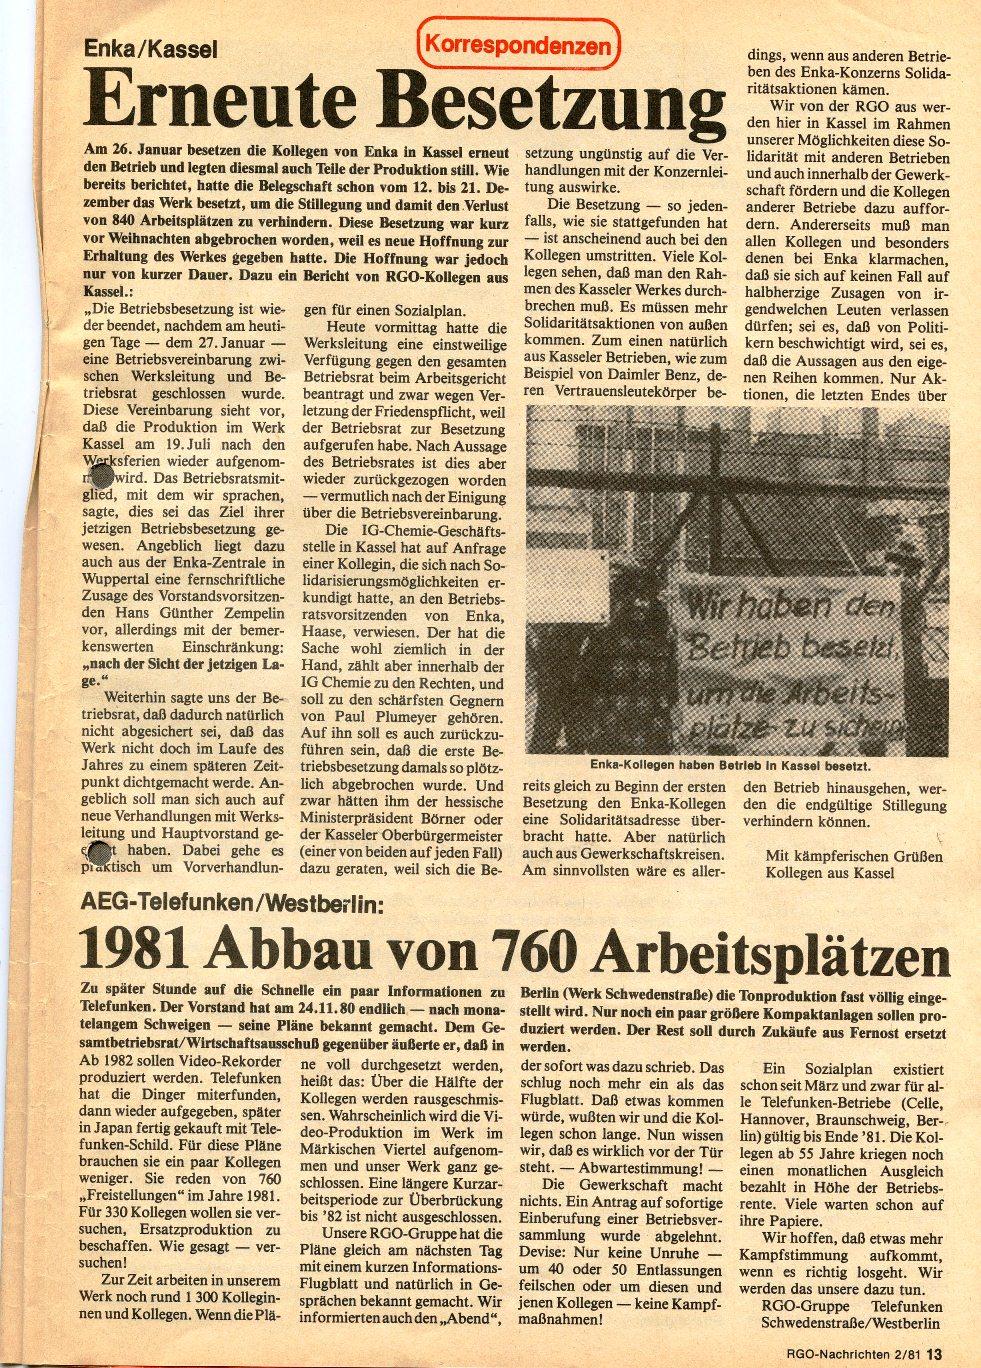 RGO_RGO_Nachrichten_1981_02_13